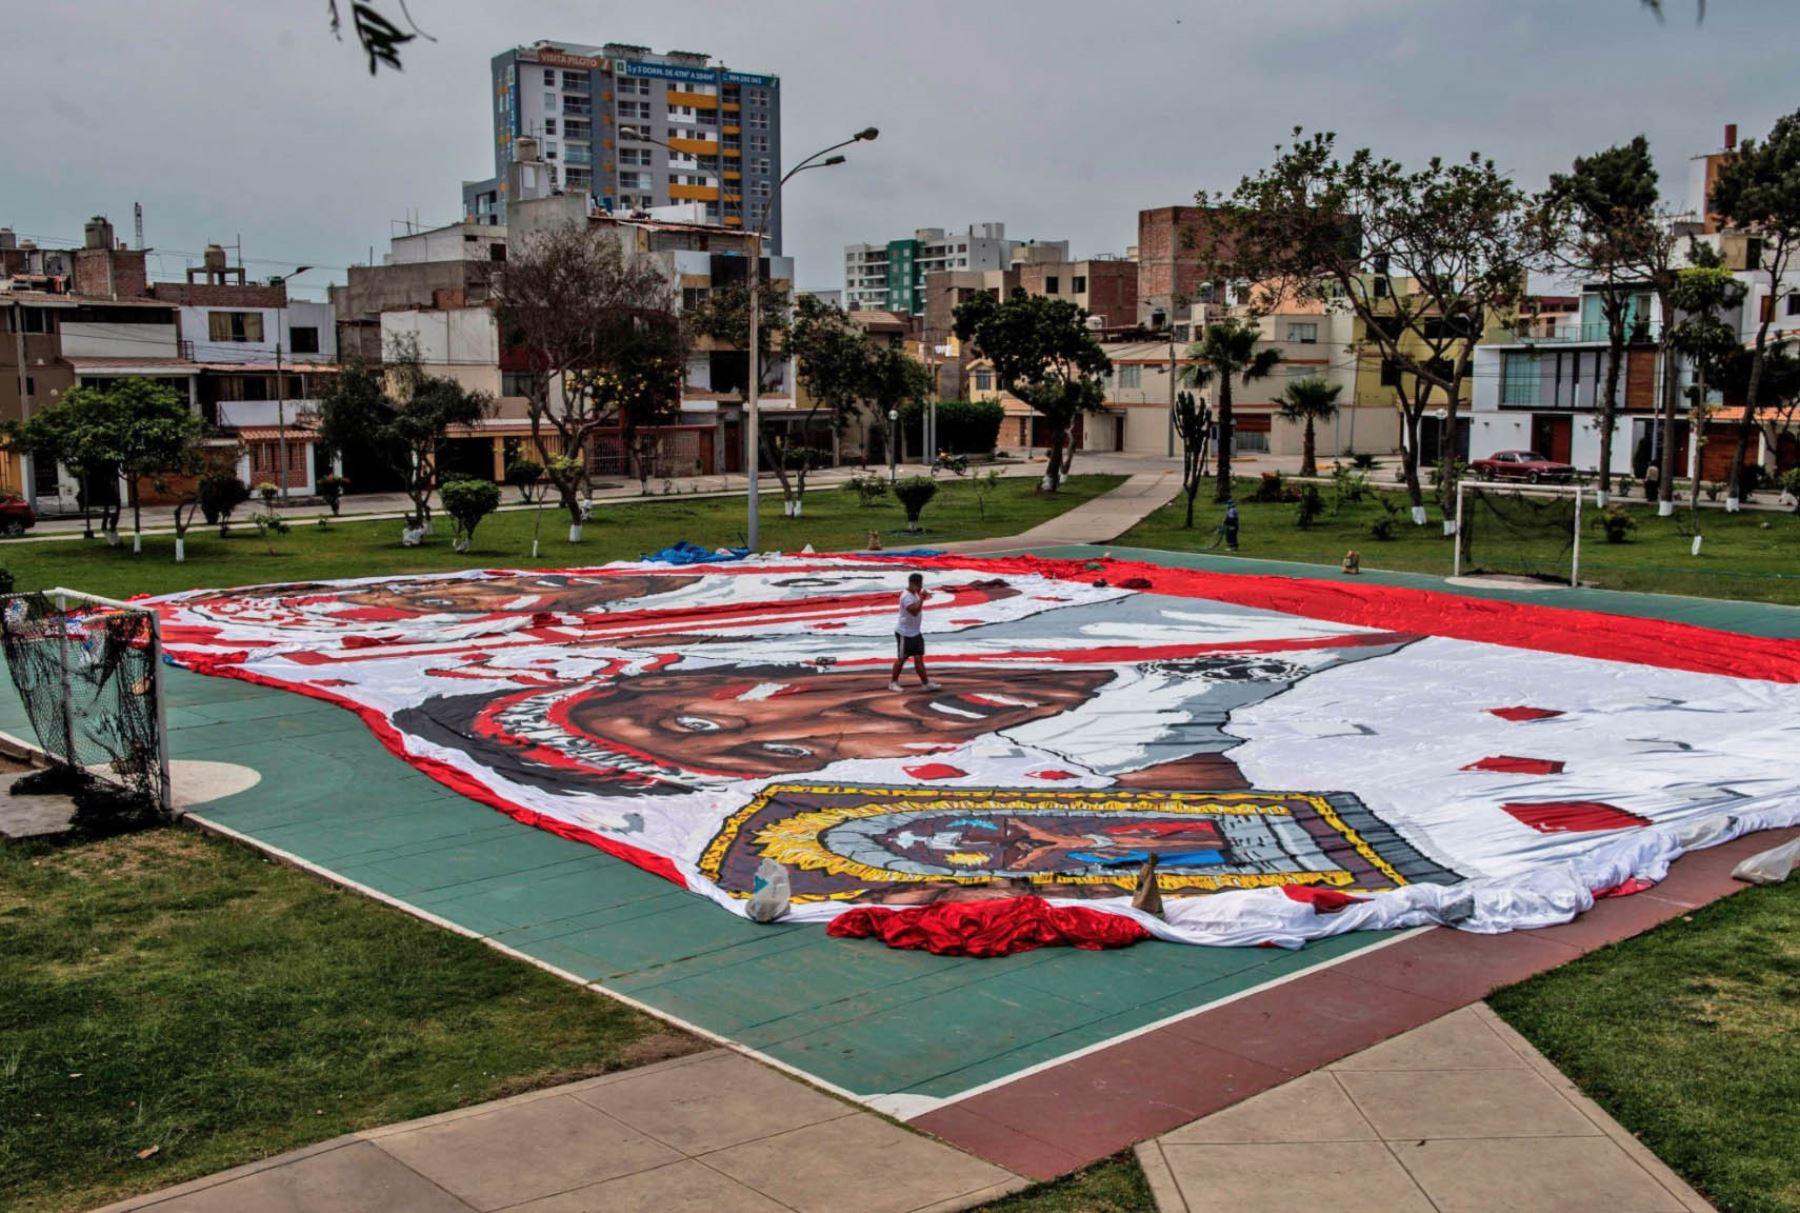 Banderola en apoyo a la selección peruana